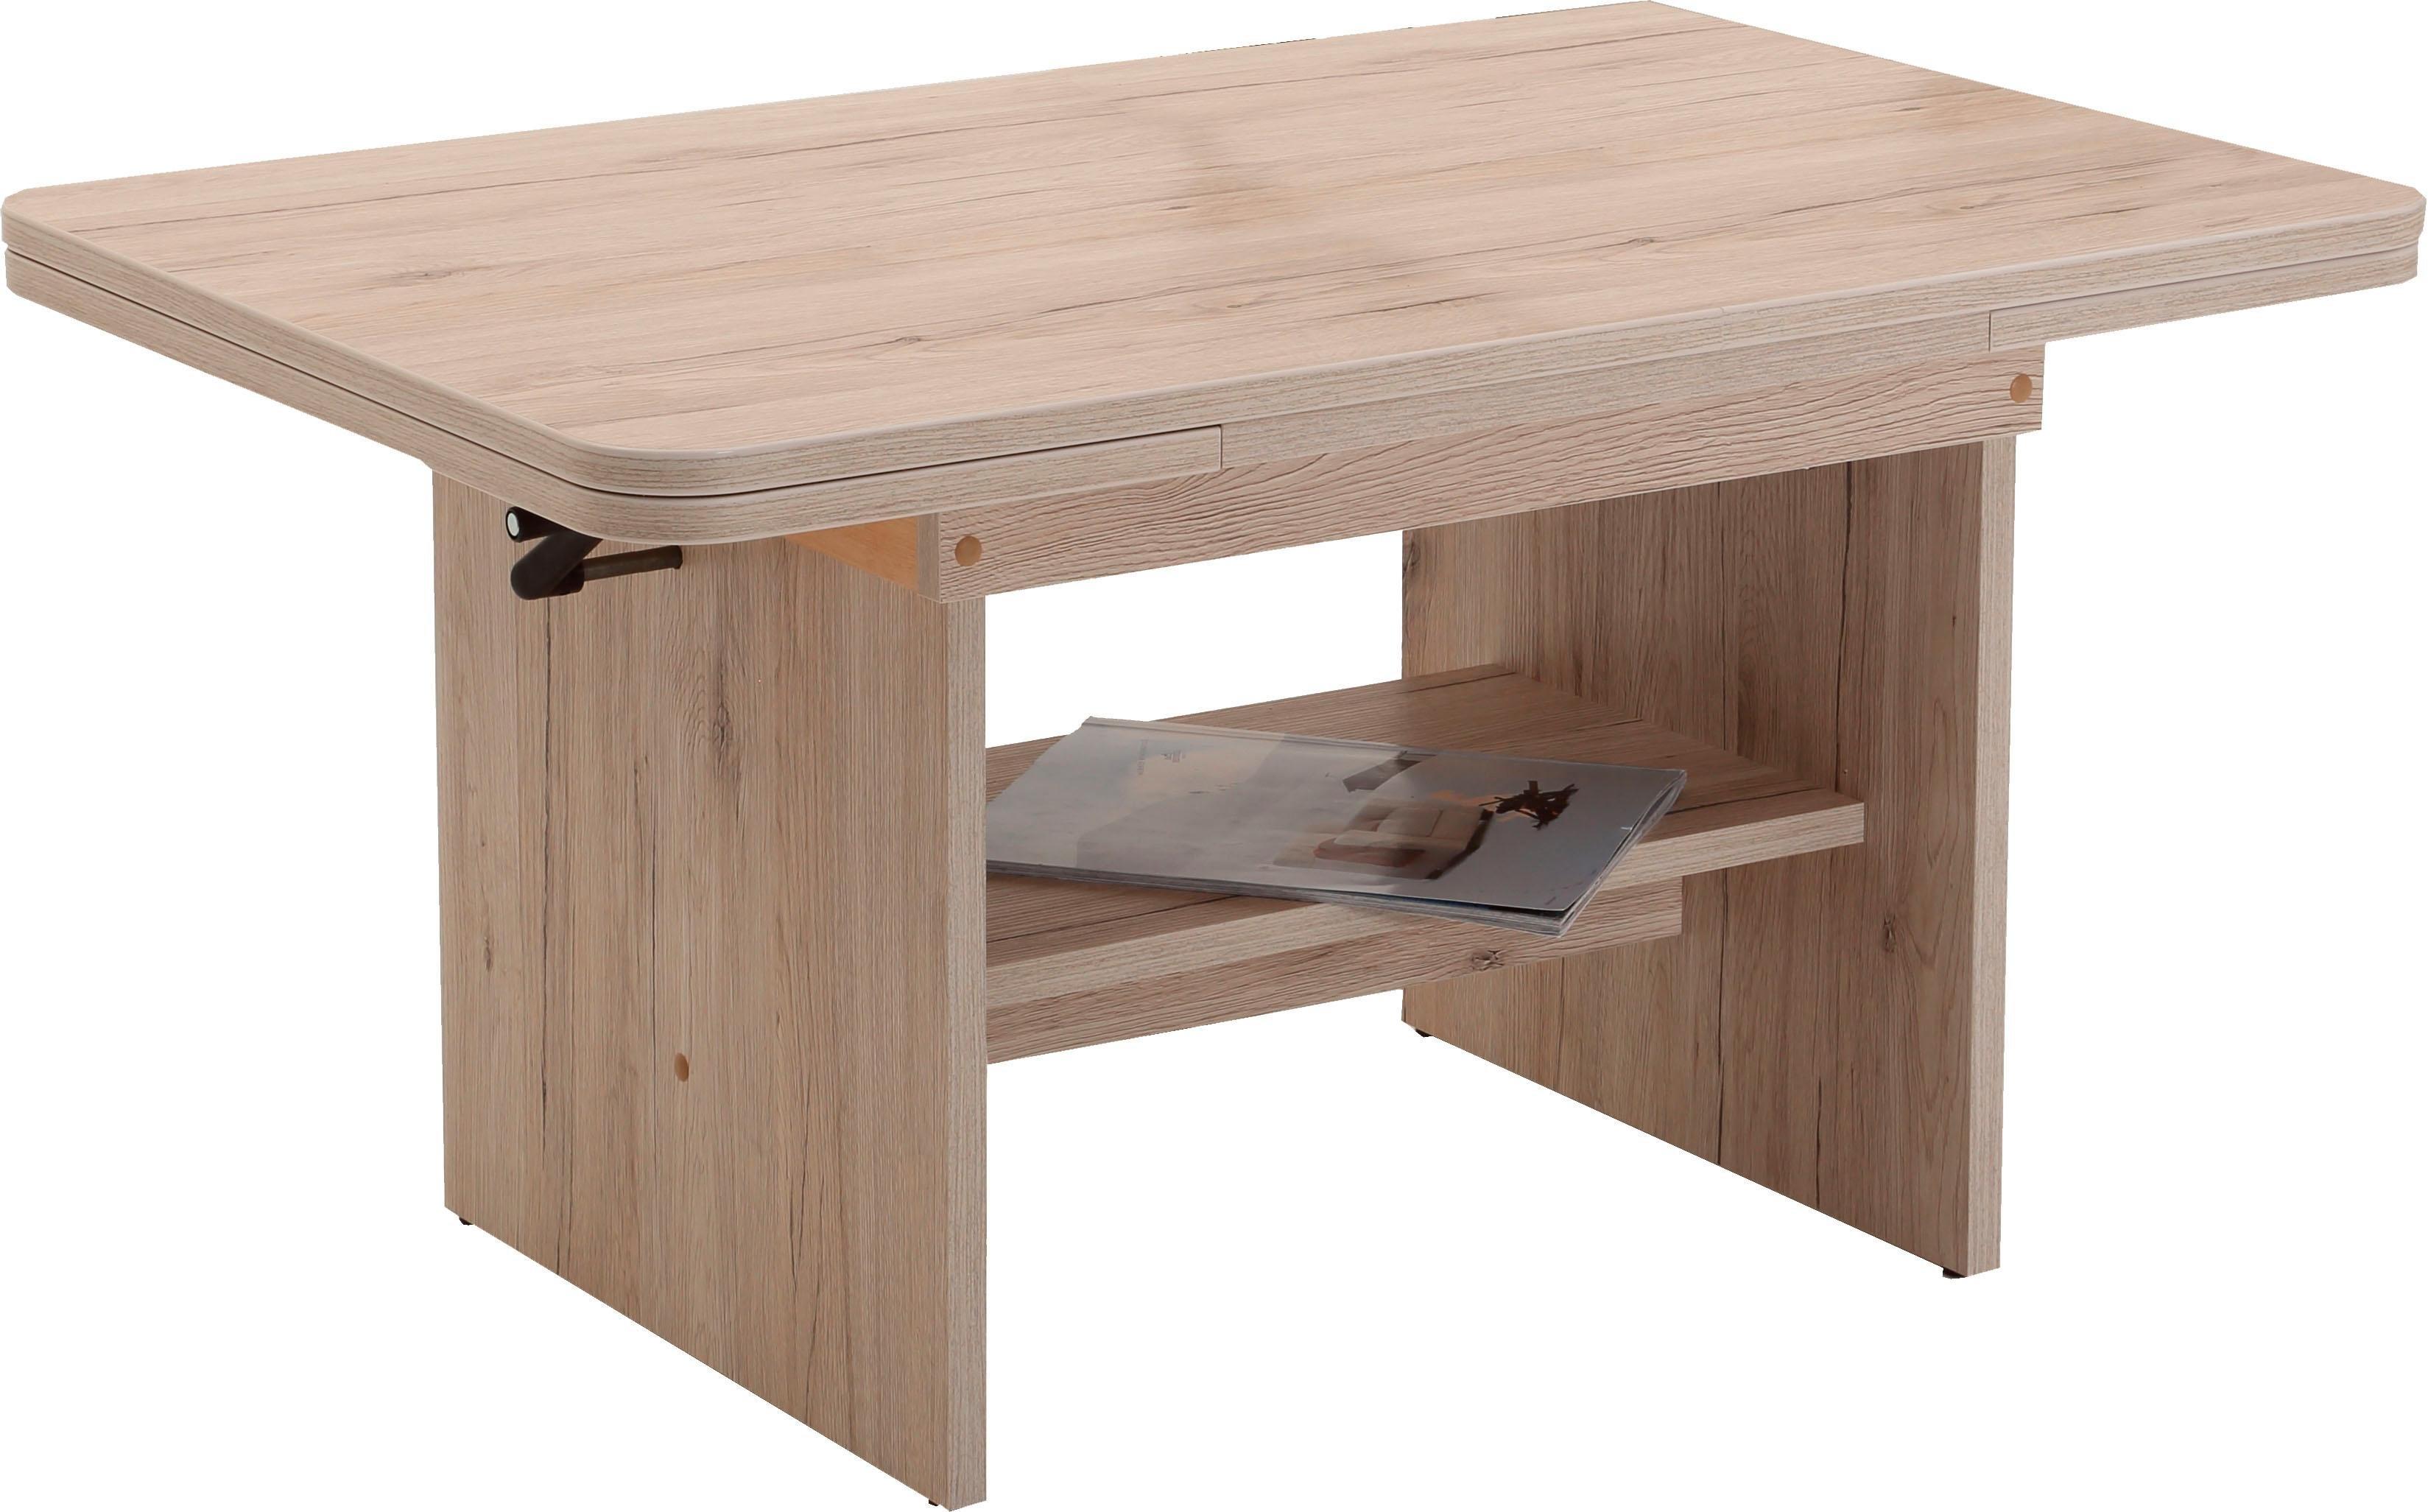 Op zoek naar een Hela salontafel? Koop online bij OTTO